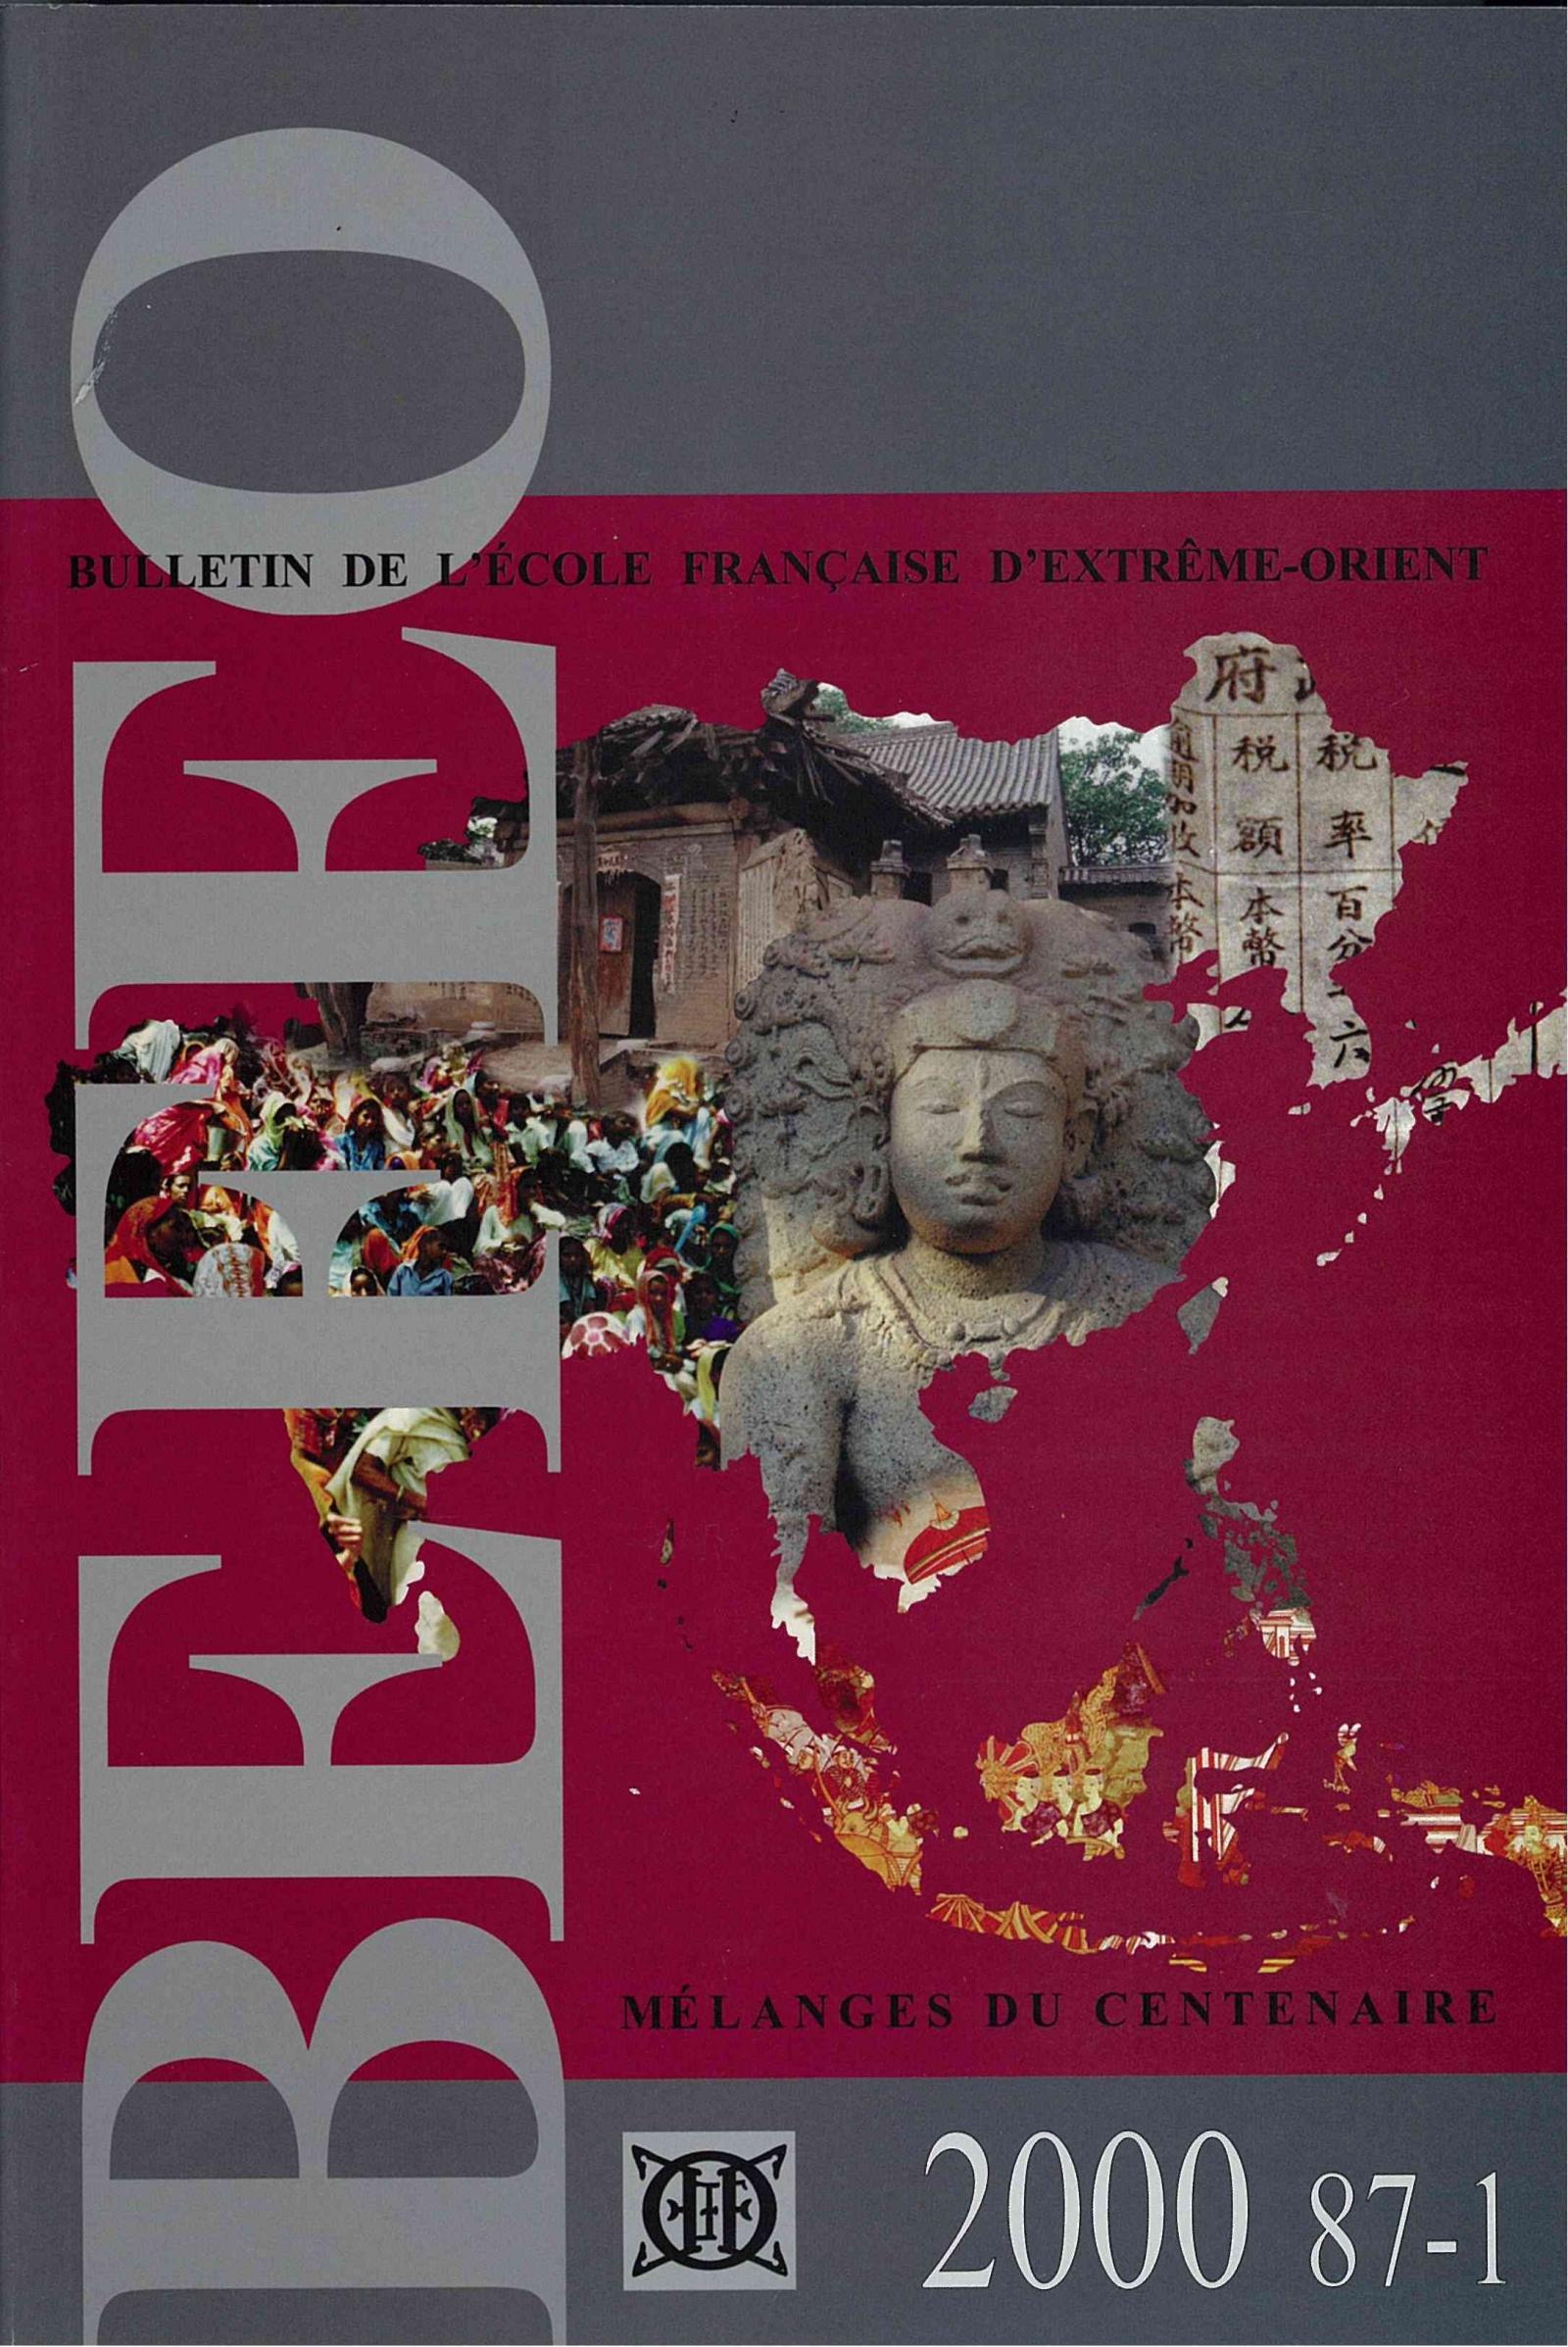 Bulletin de l'Ecole française d'Extrême-Orient 87-1 (2000)